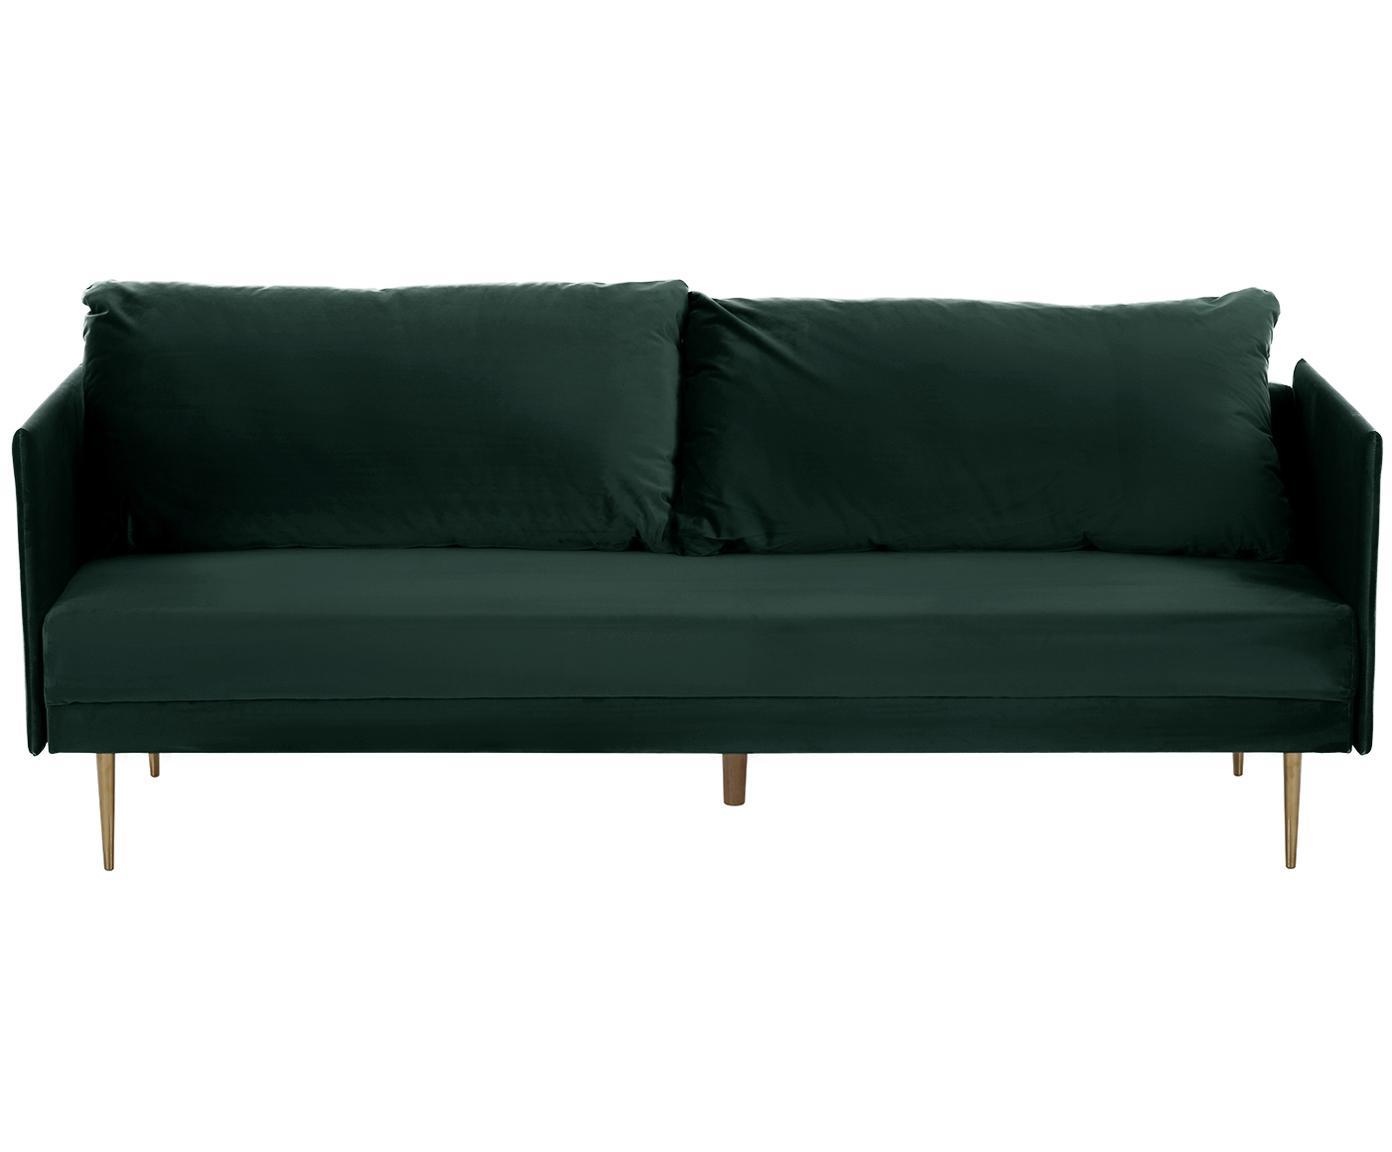 Samt-Schlafsofa Lauren, Bezug: Samt (Polyester) 28.000 S, Gestell: Kiefernholz, Füße: Metall, lackiert, Samt Dunkelgrün, 206 x 87 cm